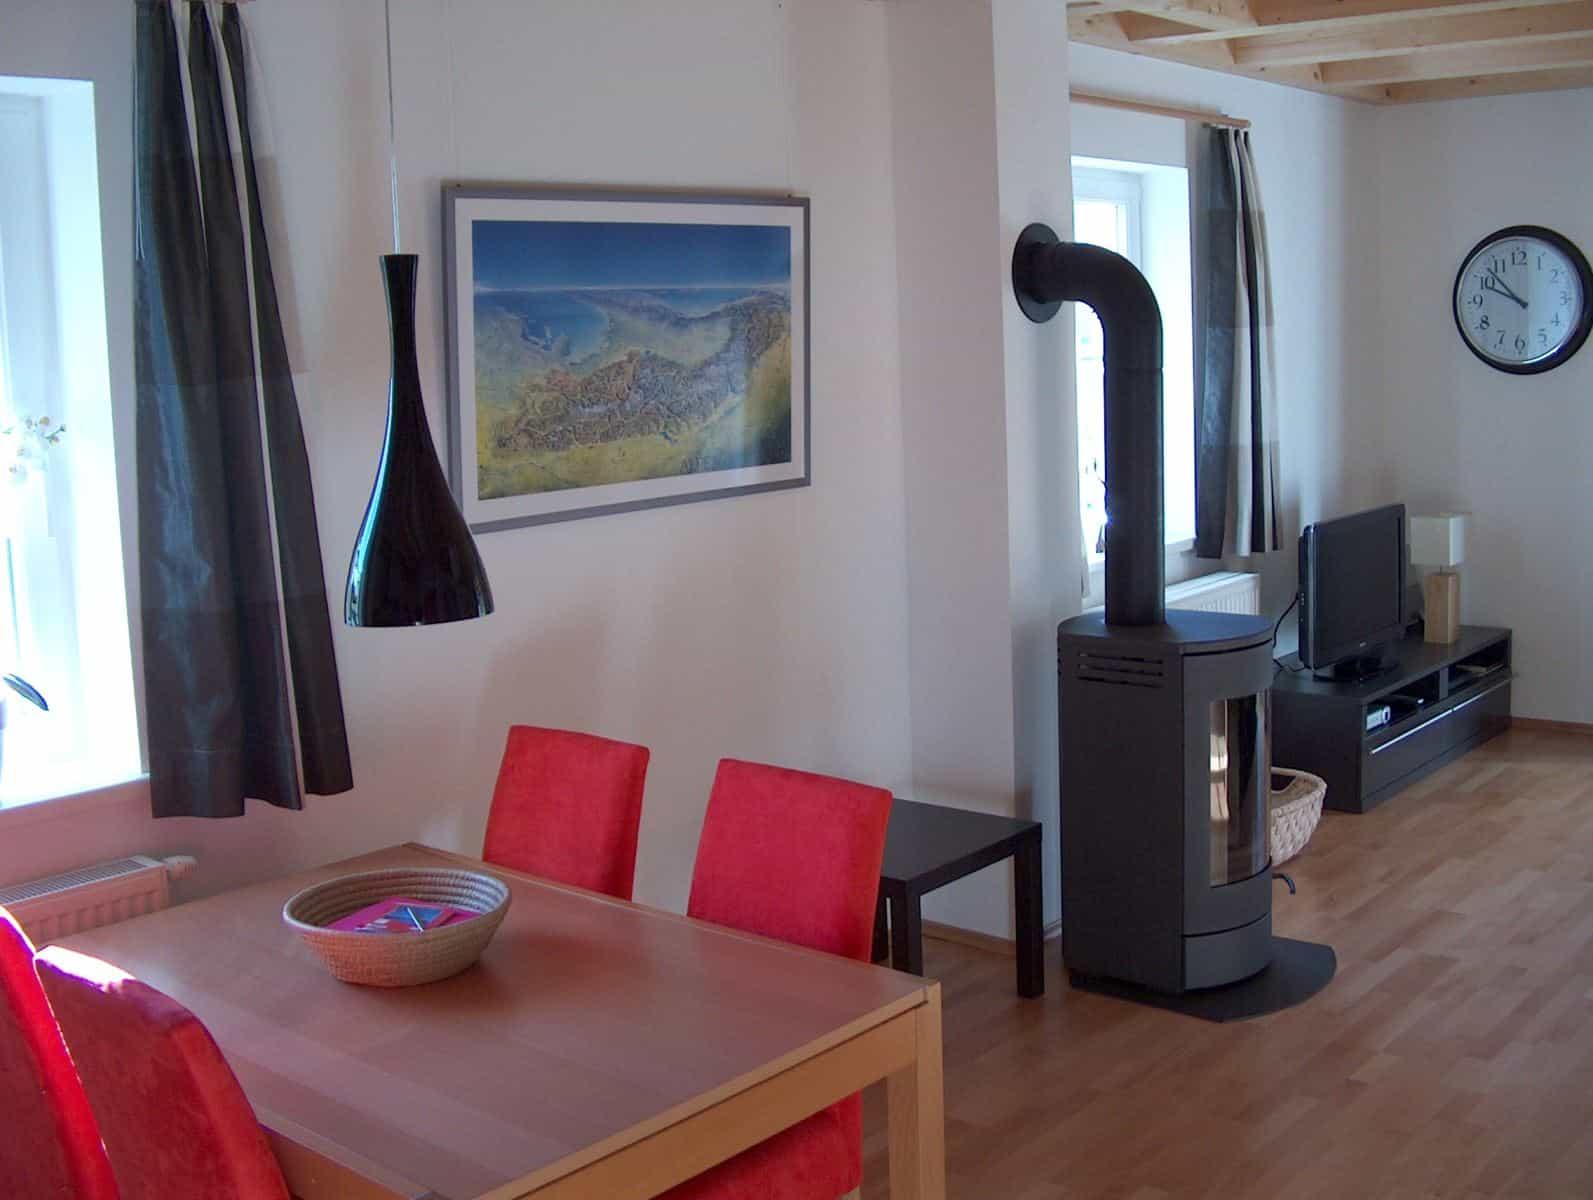 KWO villa te koop - eetkamer en houtkachel